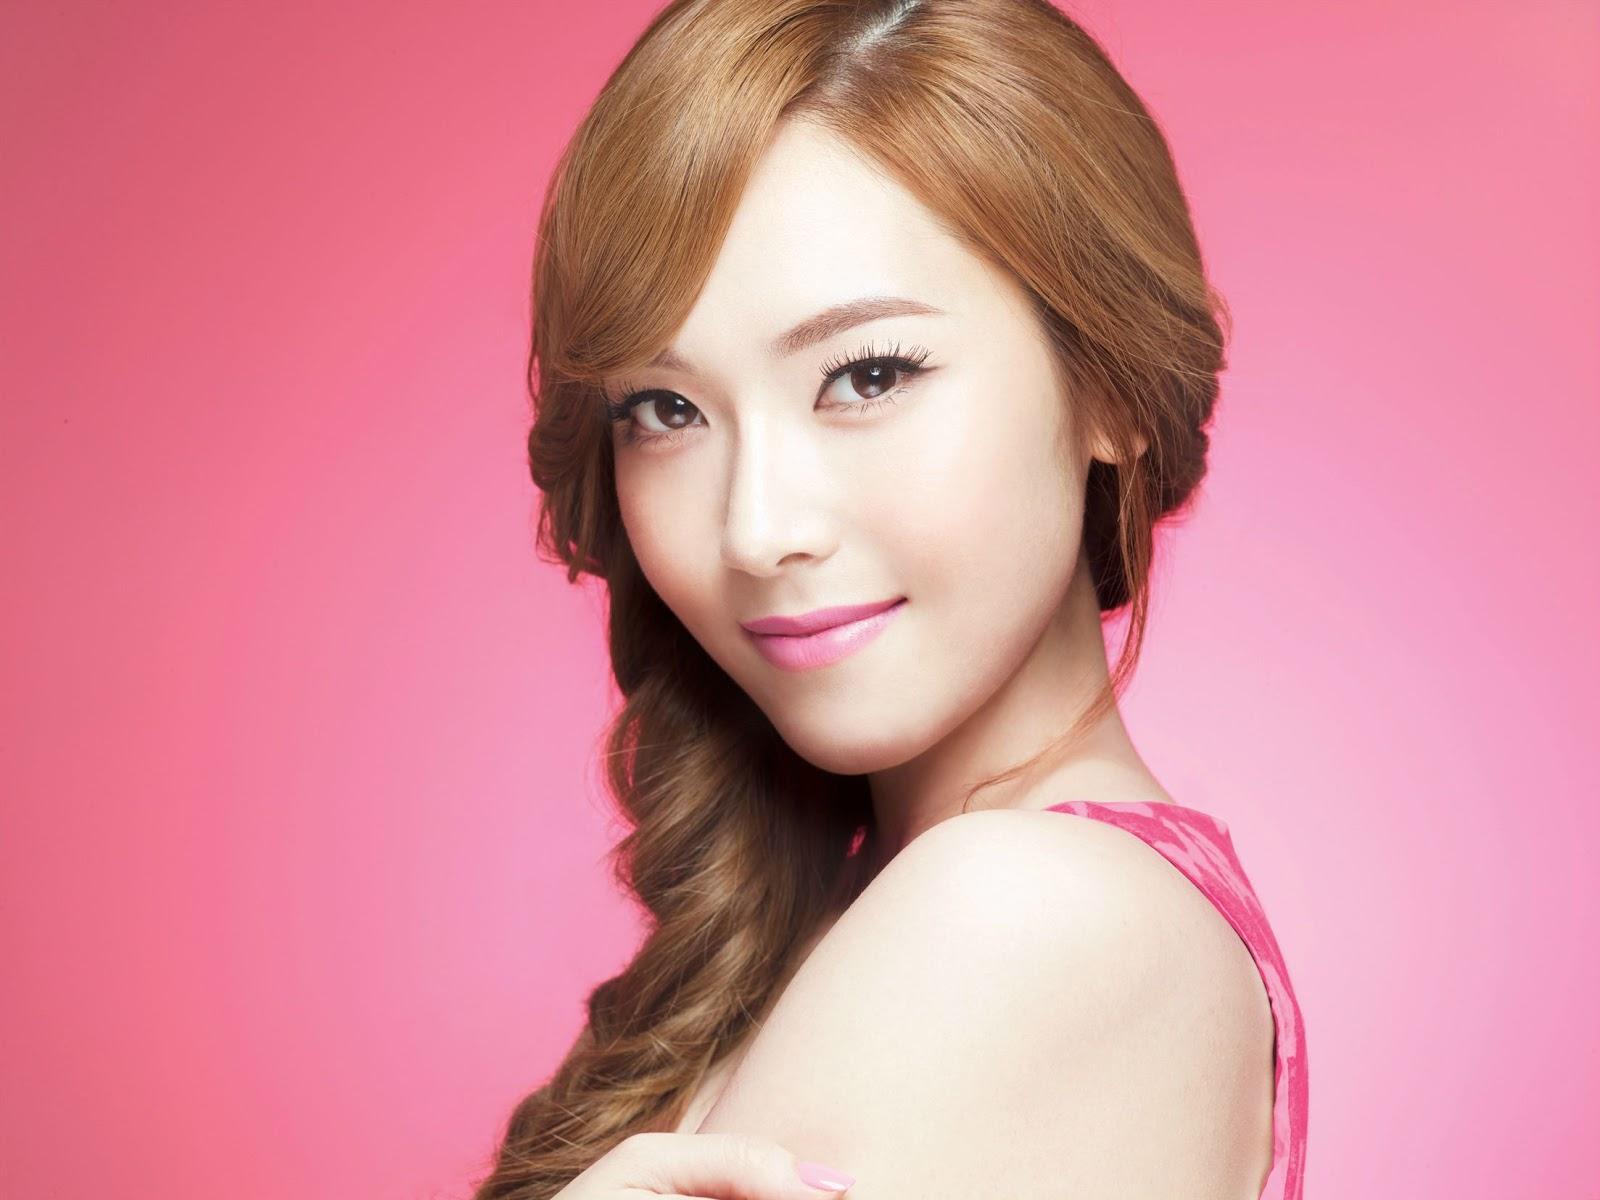 Jessica_Jessica SNSD